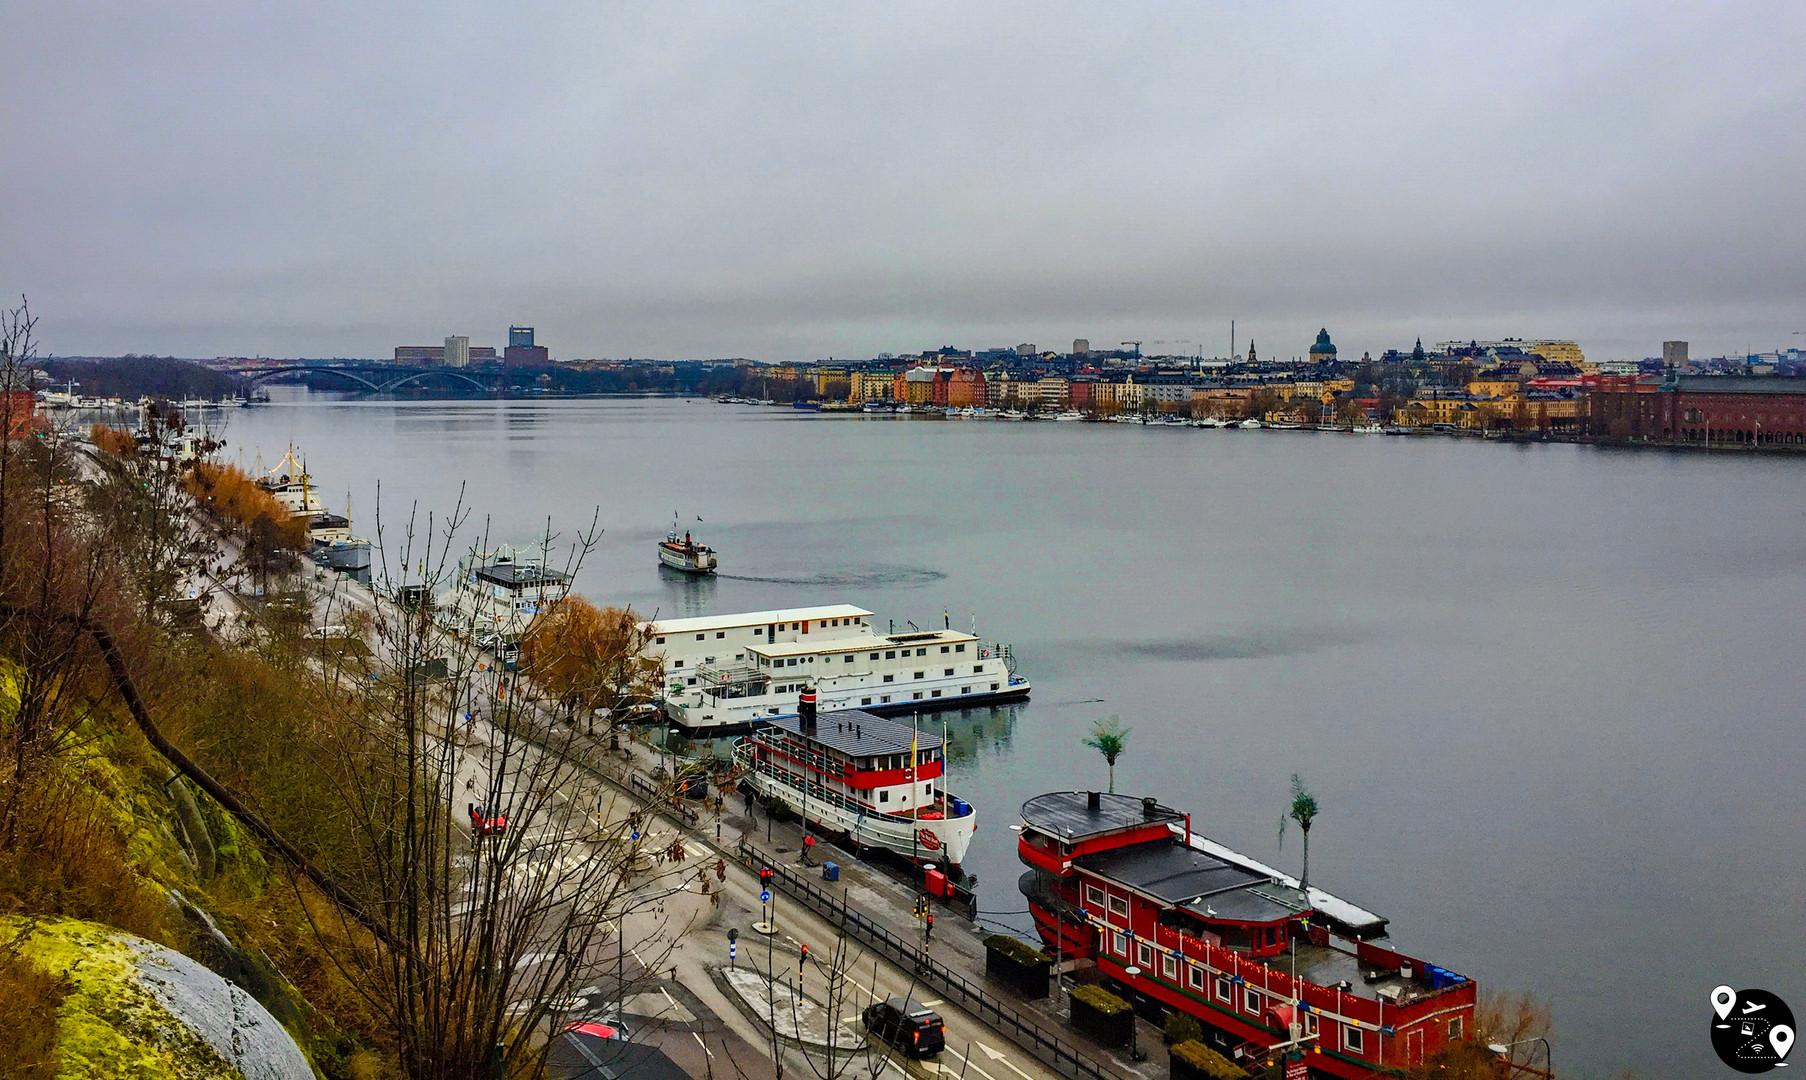 Смотровая площадка Мария в Стокгольме